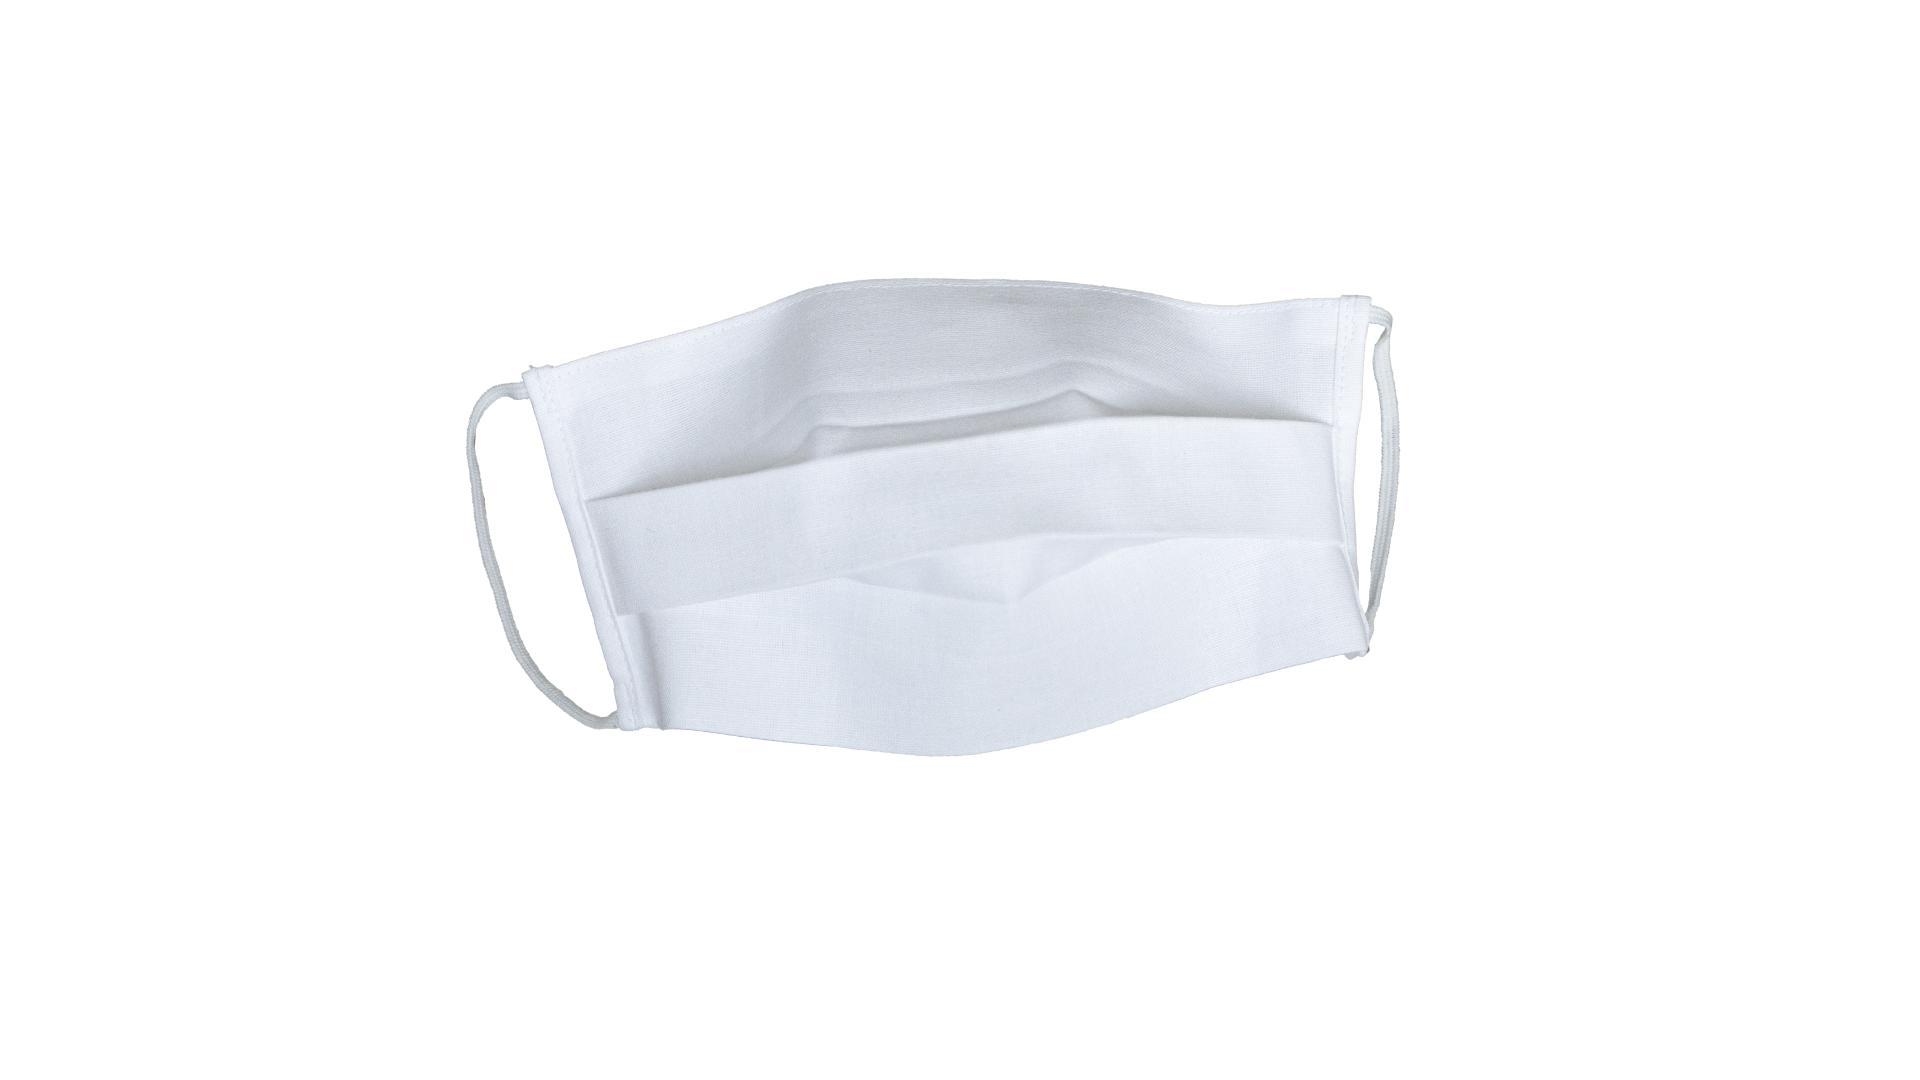 4CARS Dvojvrstvové ochranné bavlnené rúško biele  s gumičkou 1ks - menšie